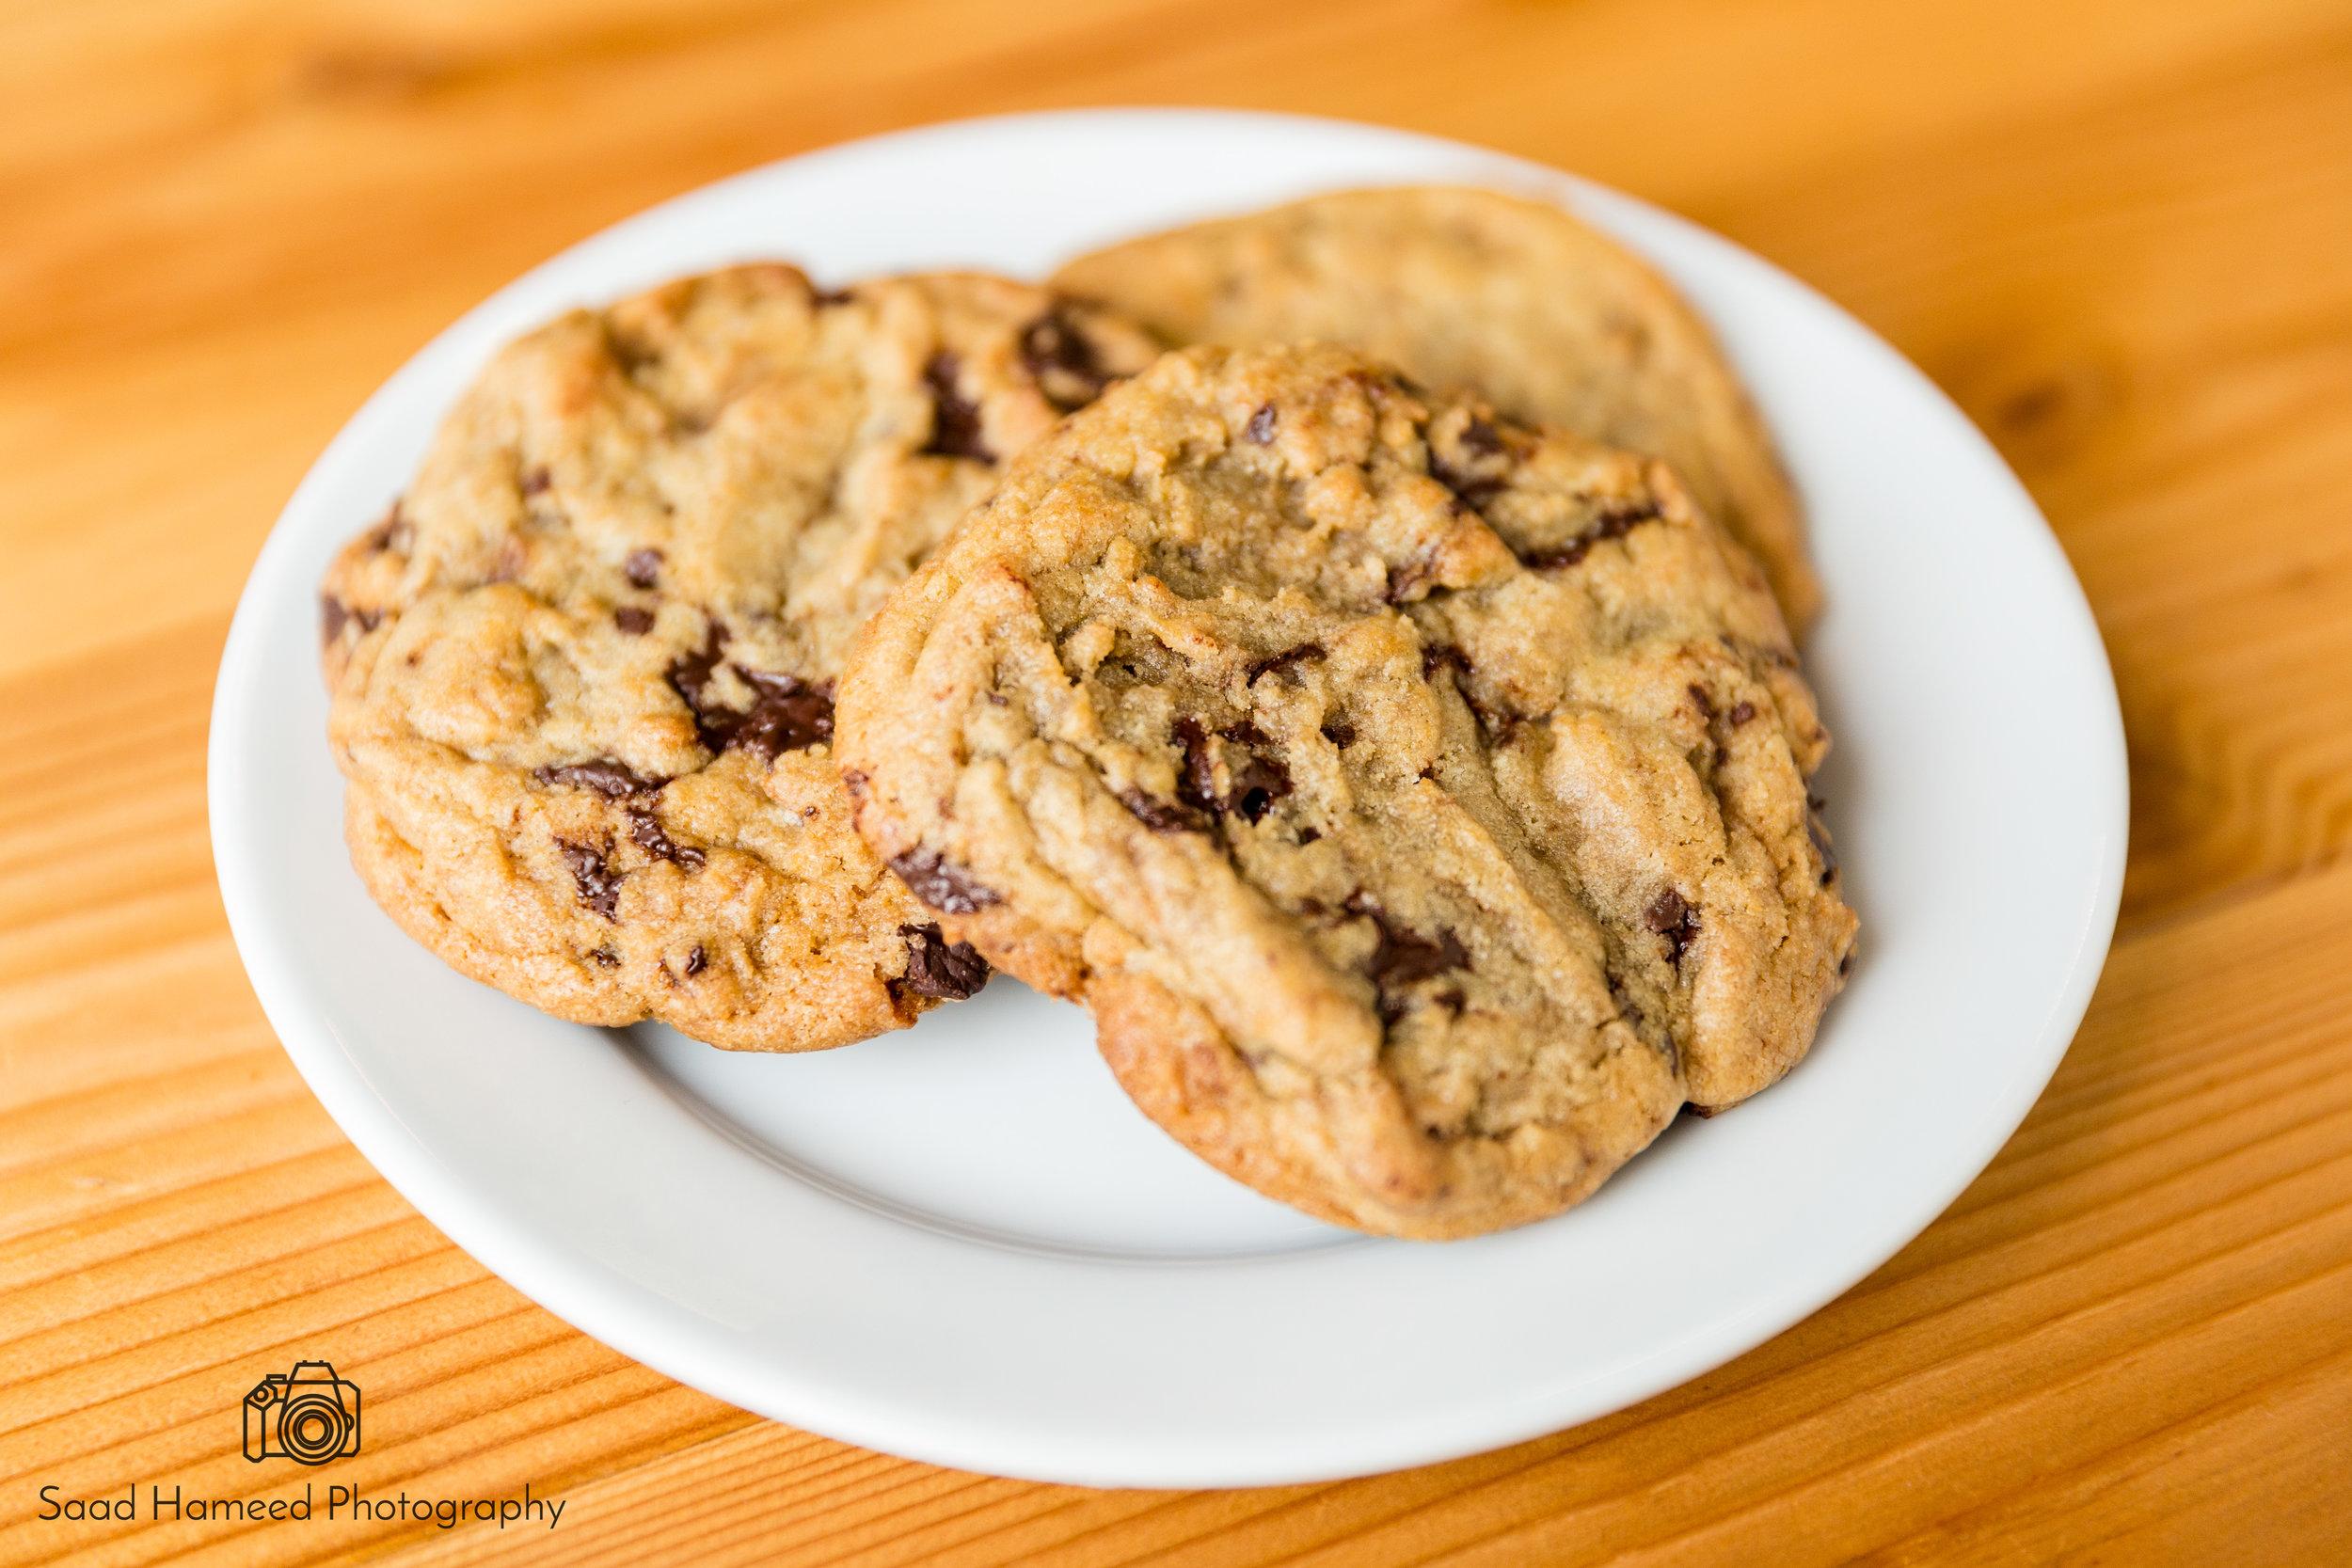 DuidoughCafeAndCookieLab_Cookies_ChocolateChipCookie_2-Edit.jpg